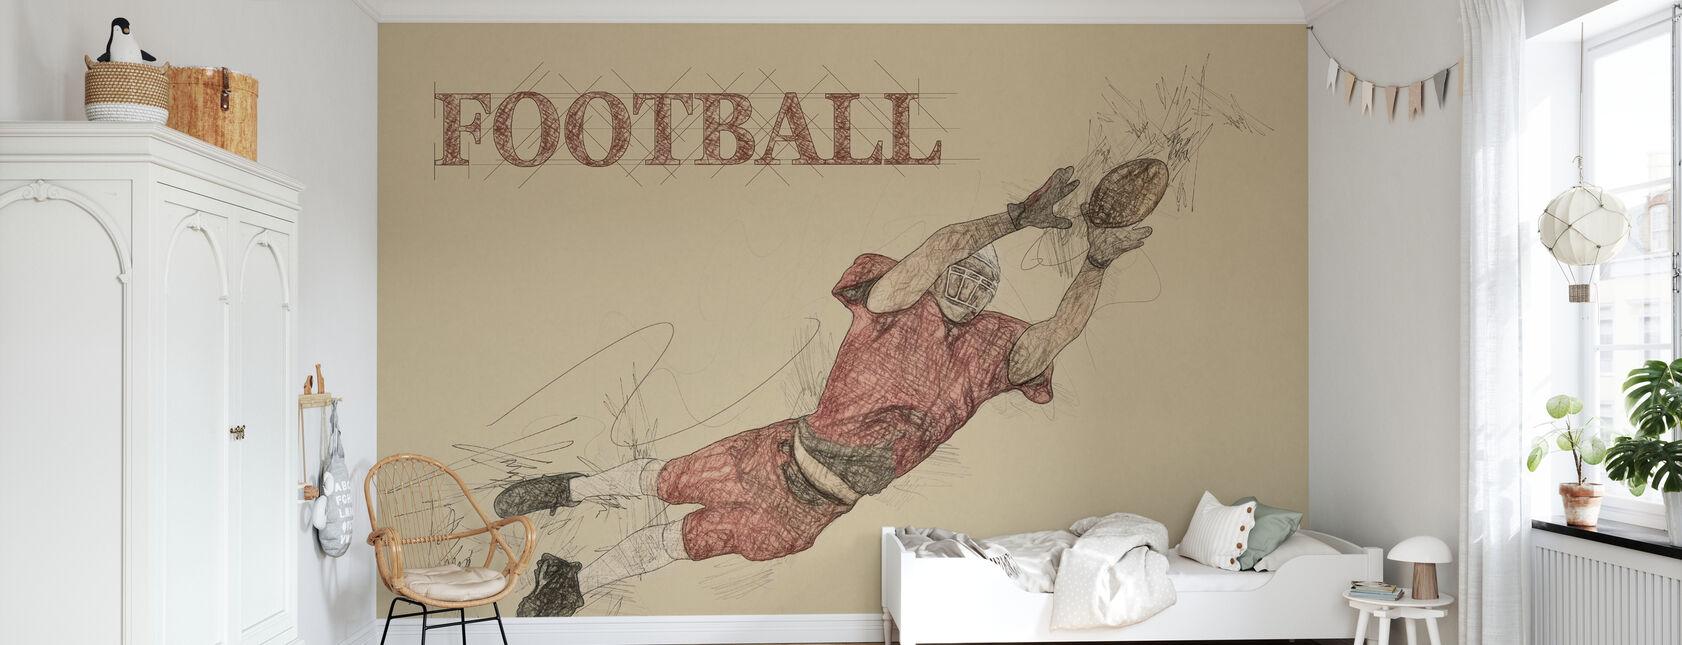 Football - Wallpaper - Kids Room